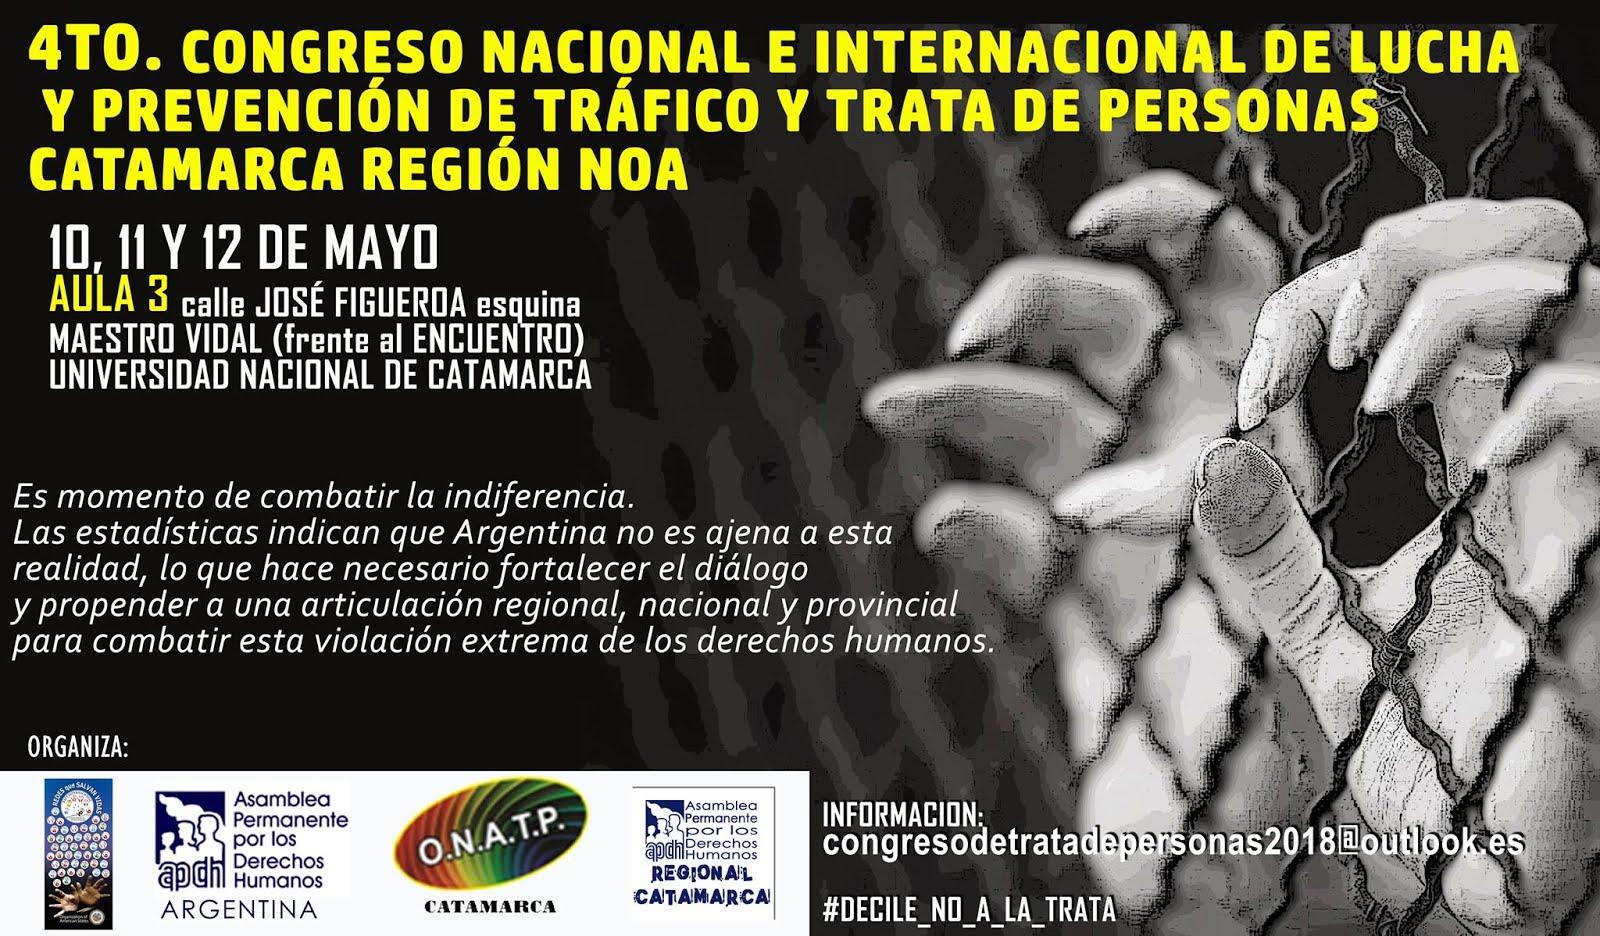 APDH y Defensoria Presentes en el 4to. Congreso contra la trata de personas!